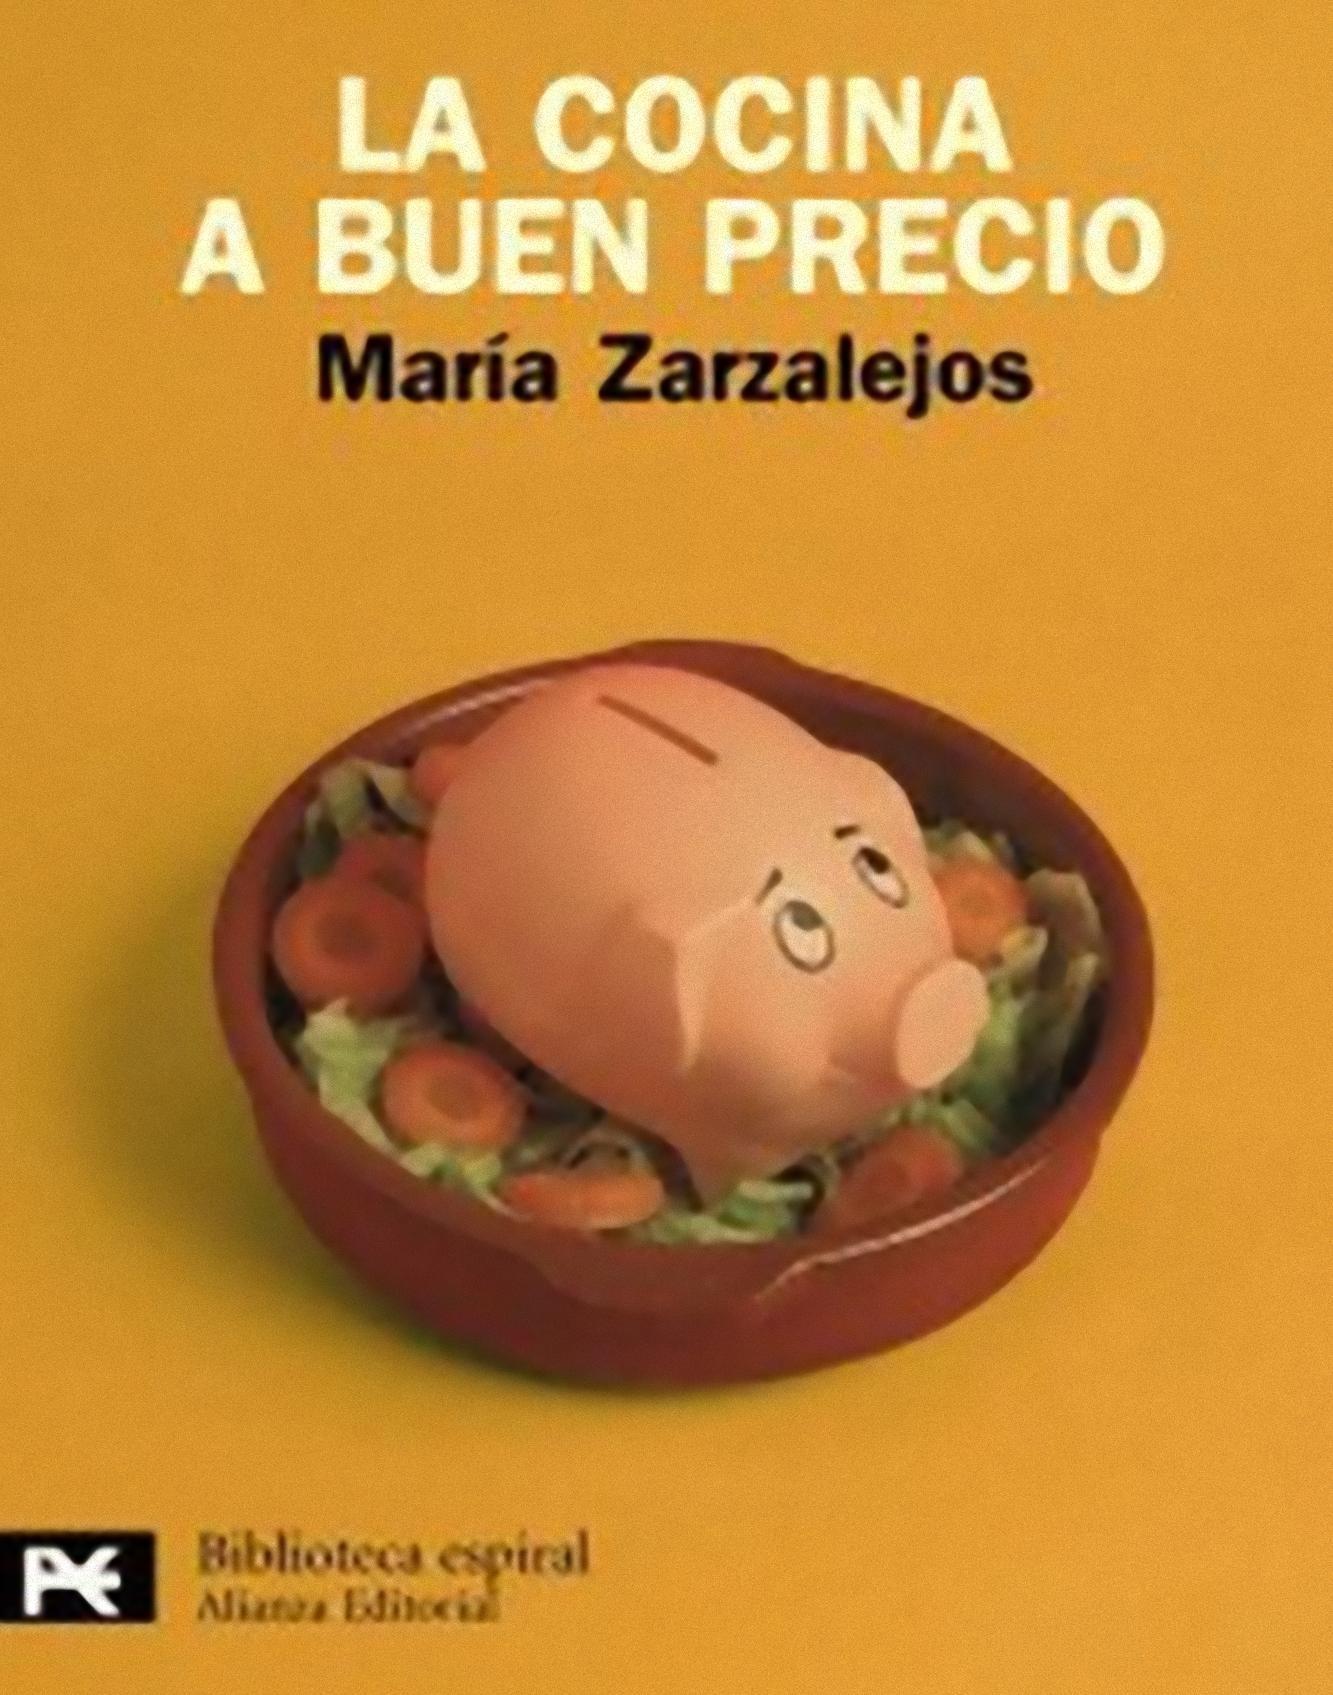 La cocina a buen precio de María Zarzalejos